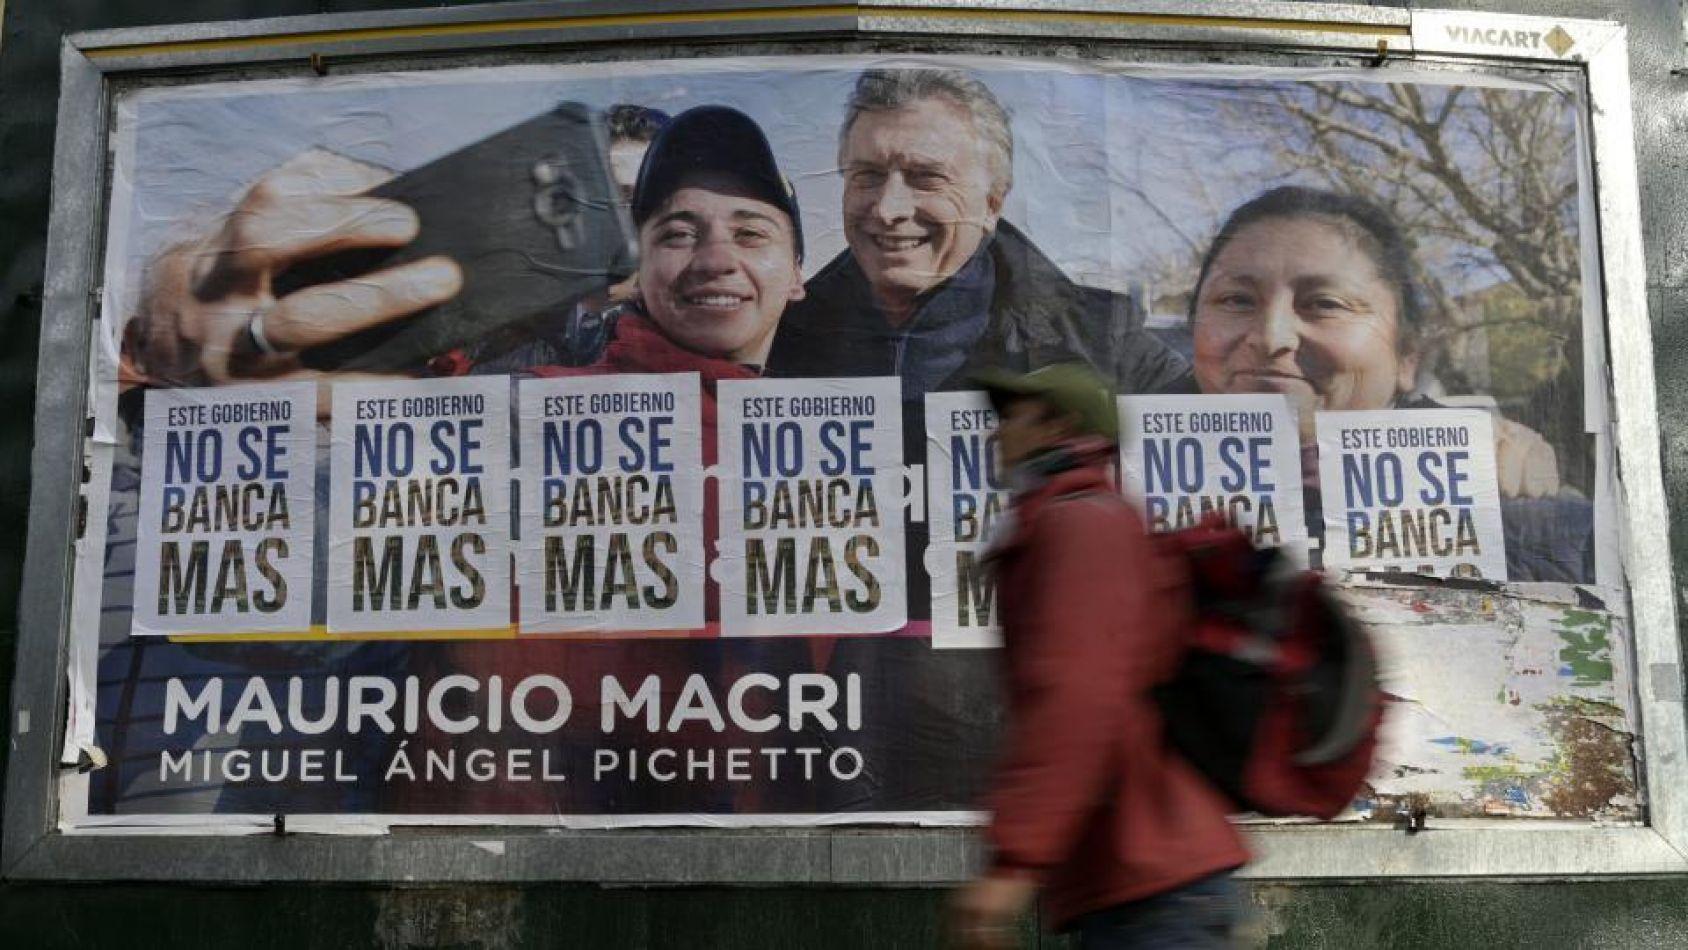 ¿Qué se puede esperar de las medidas económicas anunciadas por Macri?